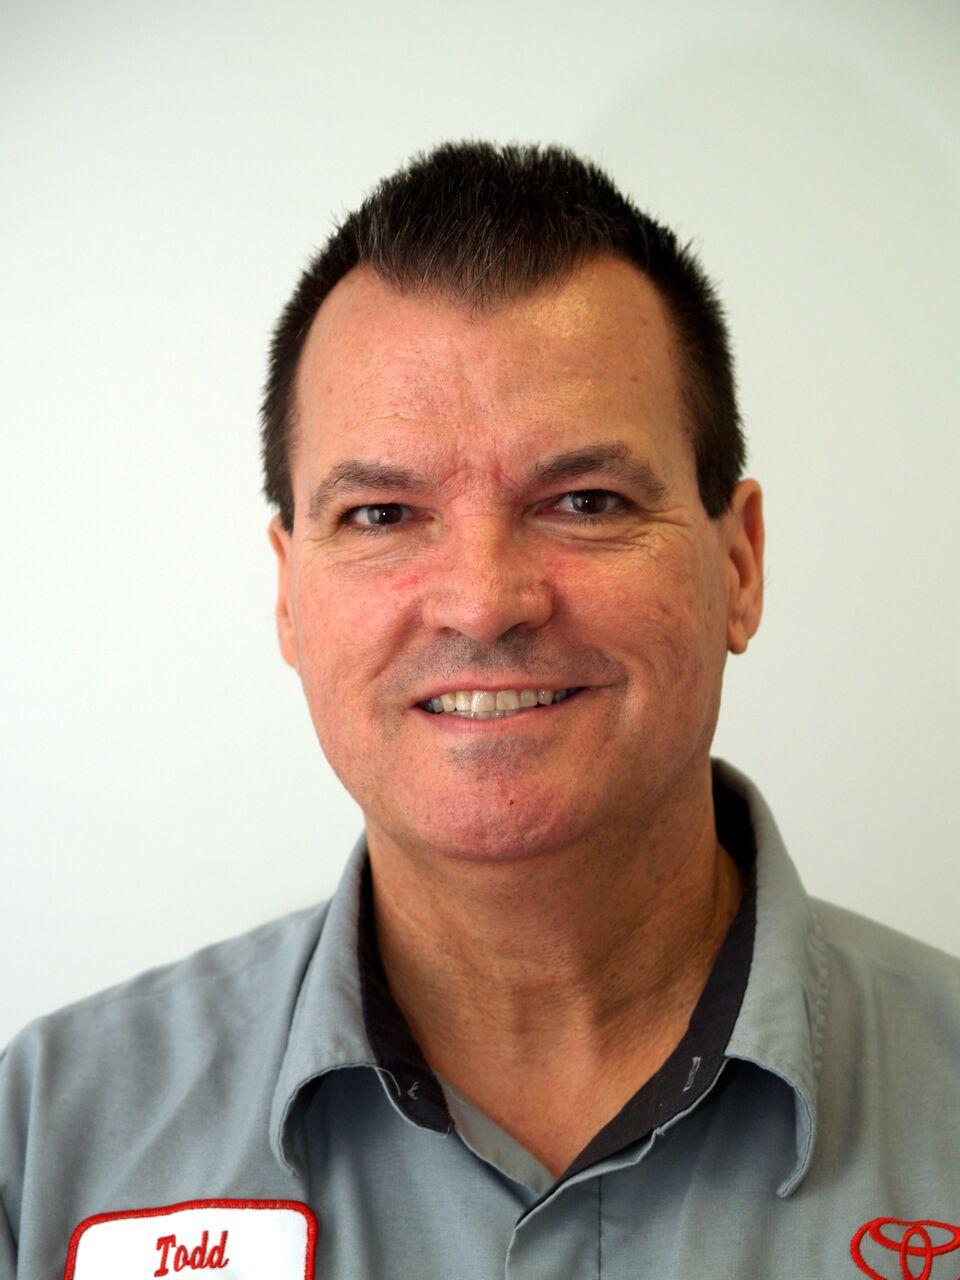 Todd Ross